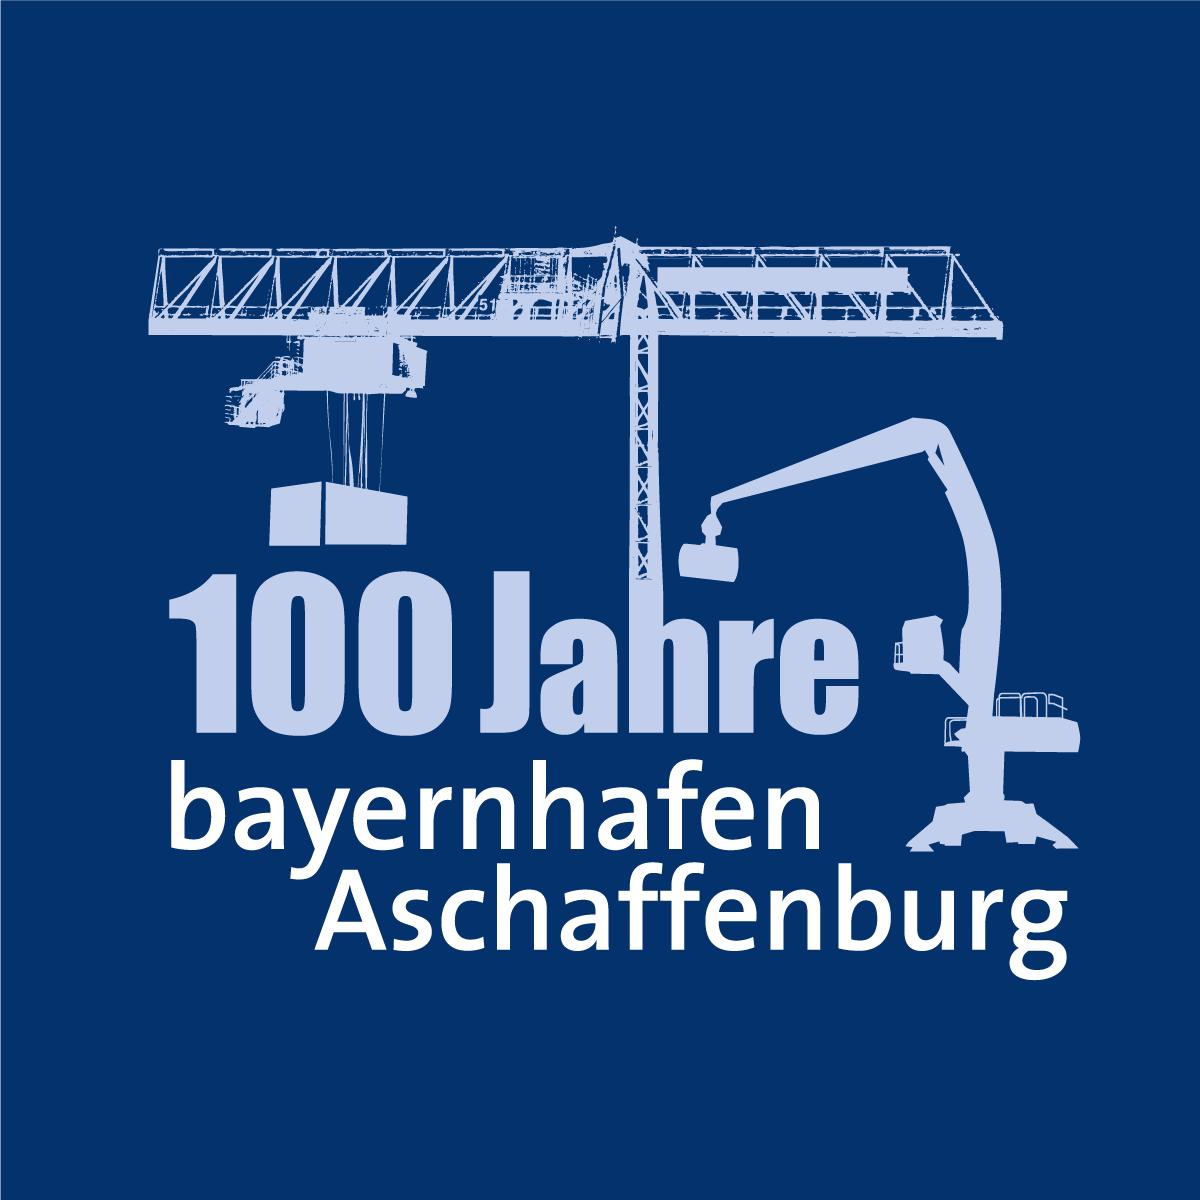 """Logo """"100 Jahre bayernhafen Aschaffenburg"""" auf blauem Grund"""